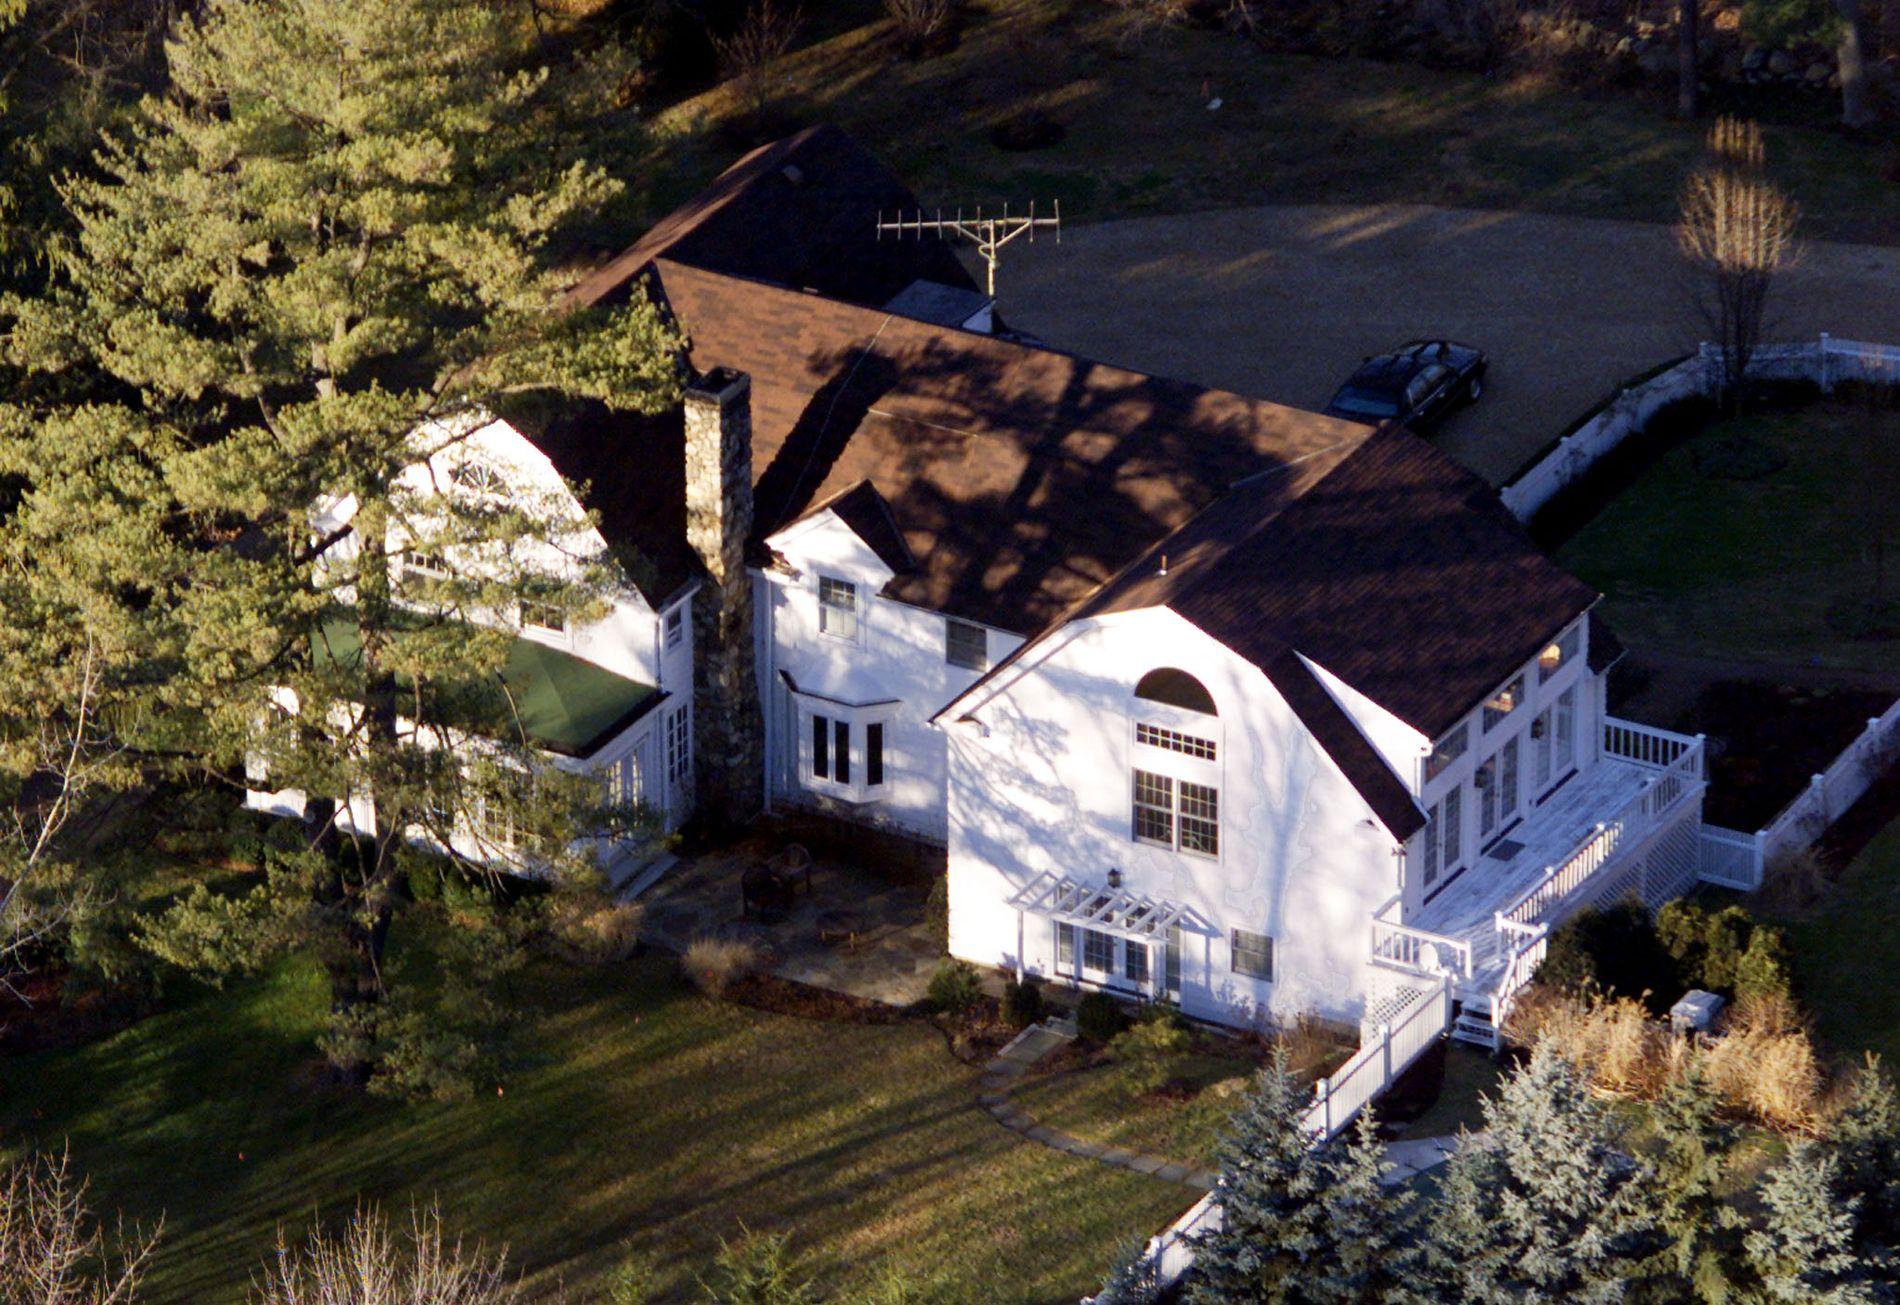 CLINTON-HJEMMET: Ekteparet Clinton er bosatt i dette huset i Chappaqua, i Westchester County, nord for New York City.